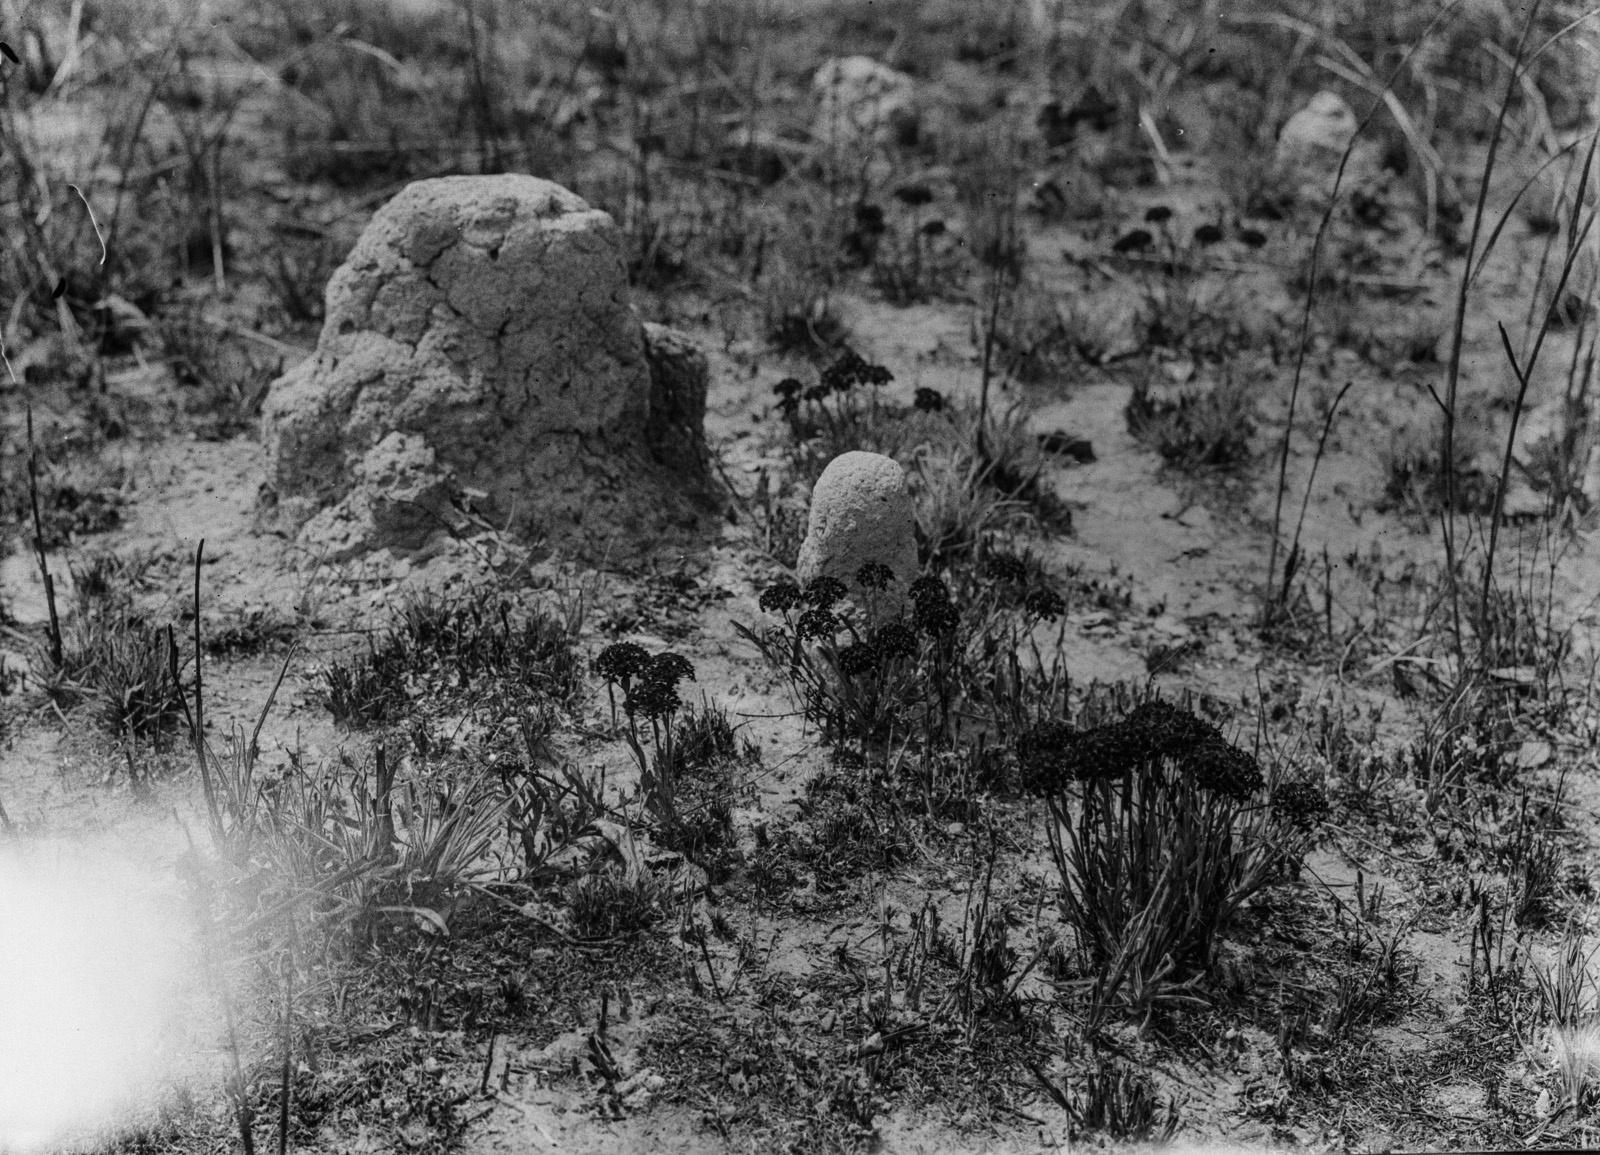 Касемпа. Маленькие термитники в сгоревшем дамбо. Цветковые растения появятся через несколько дней после пожара